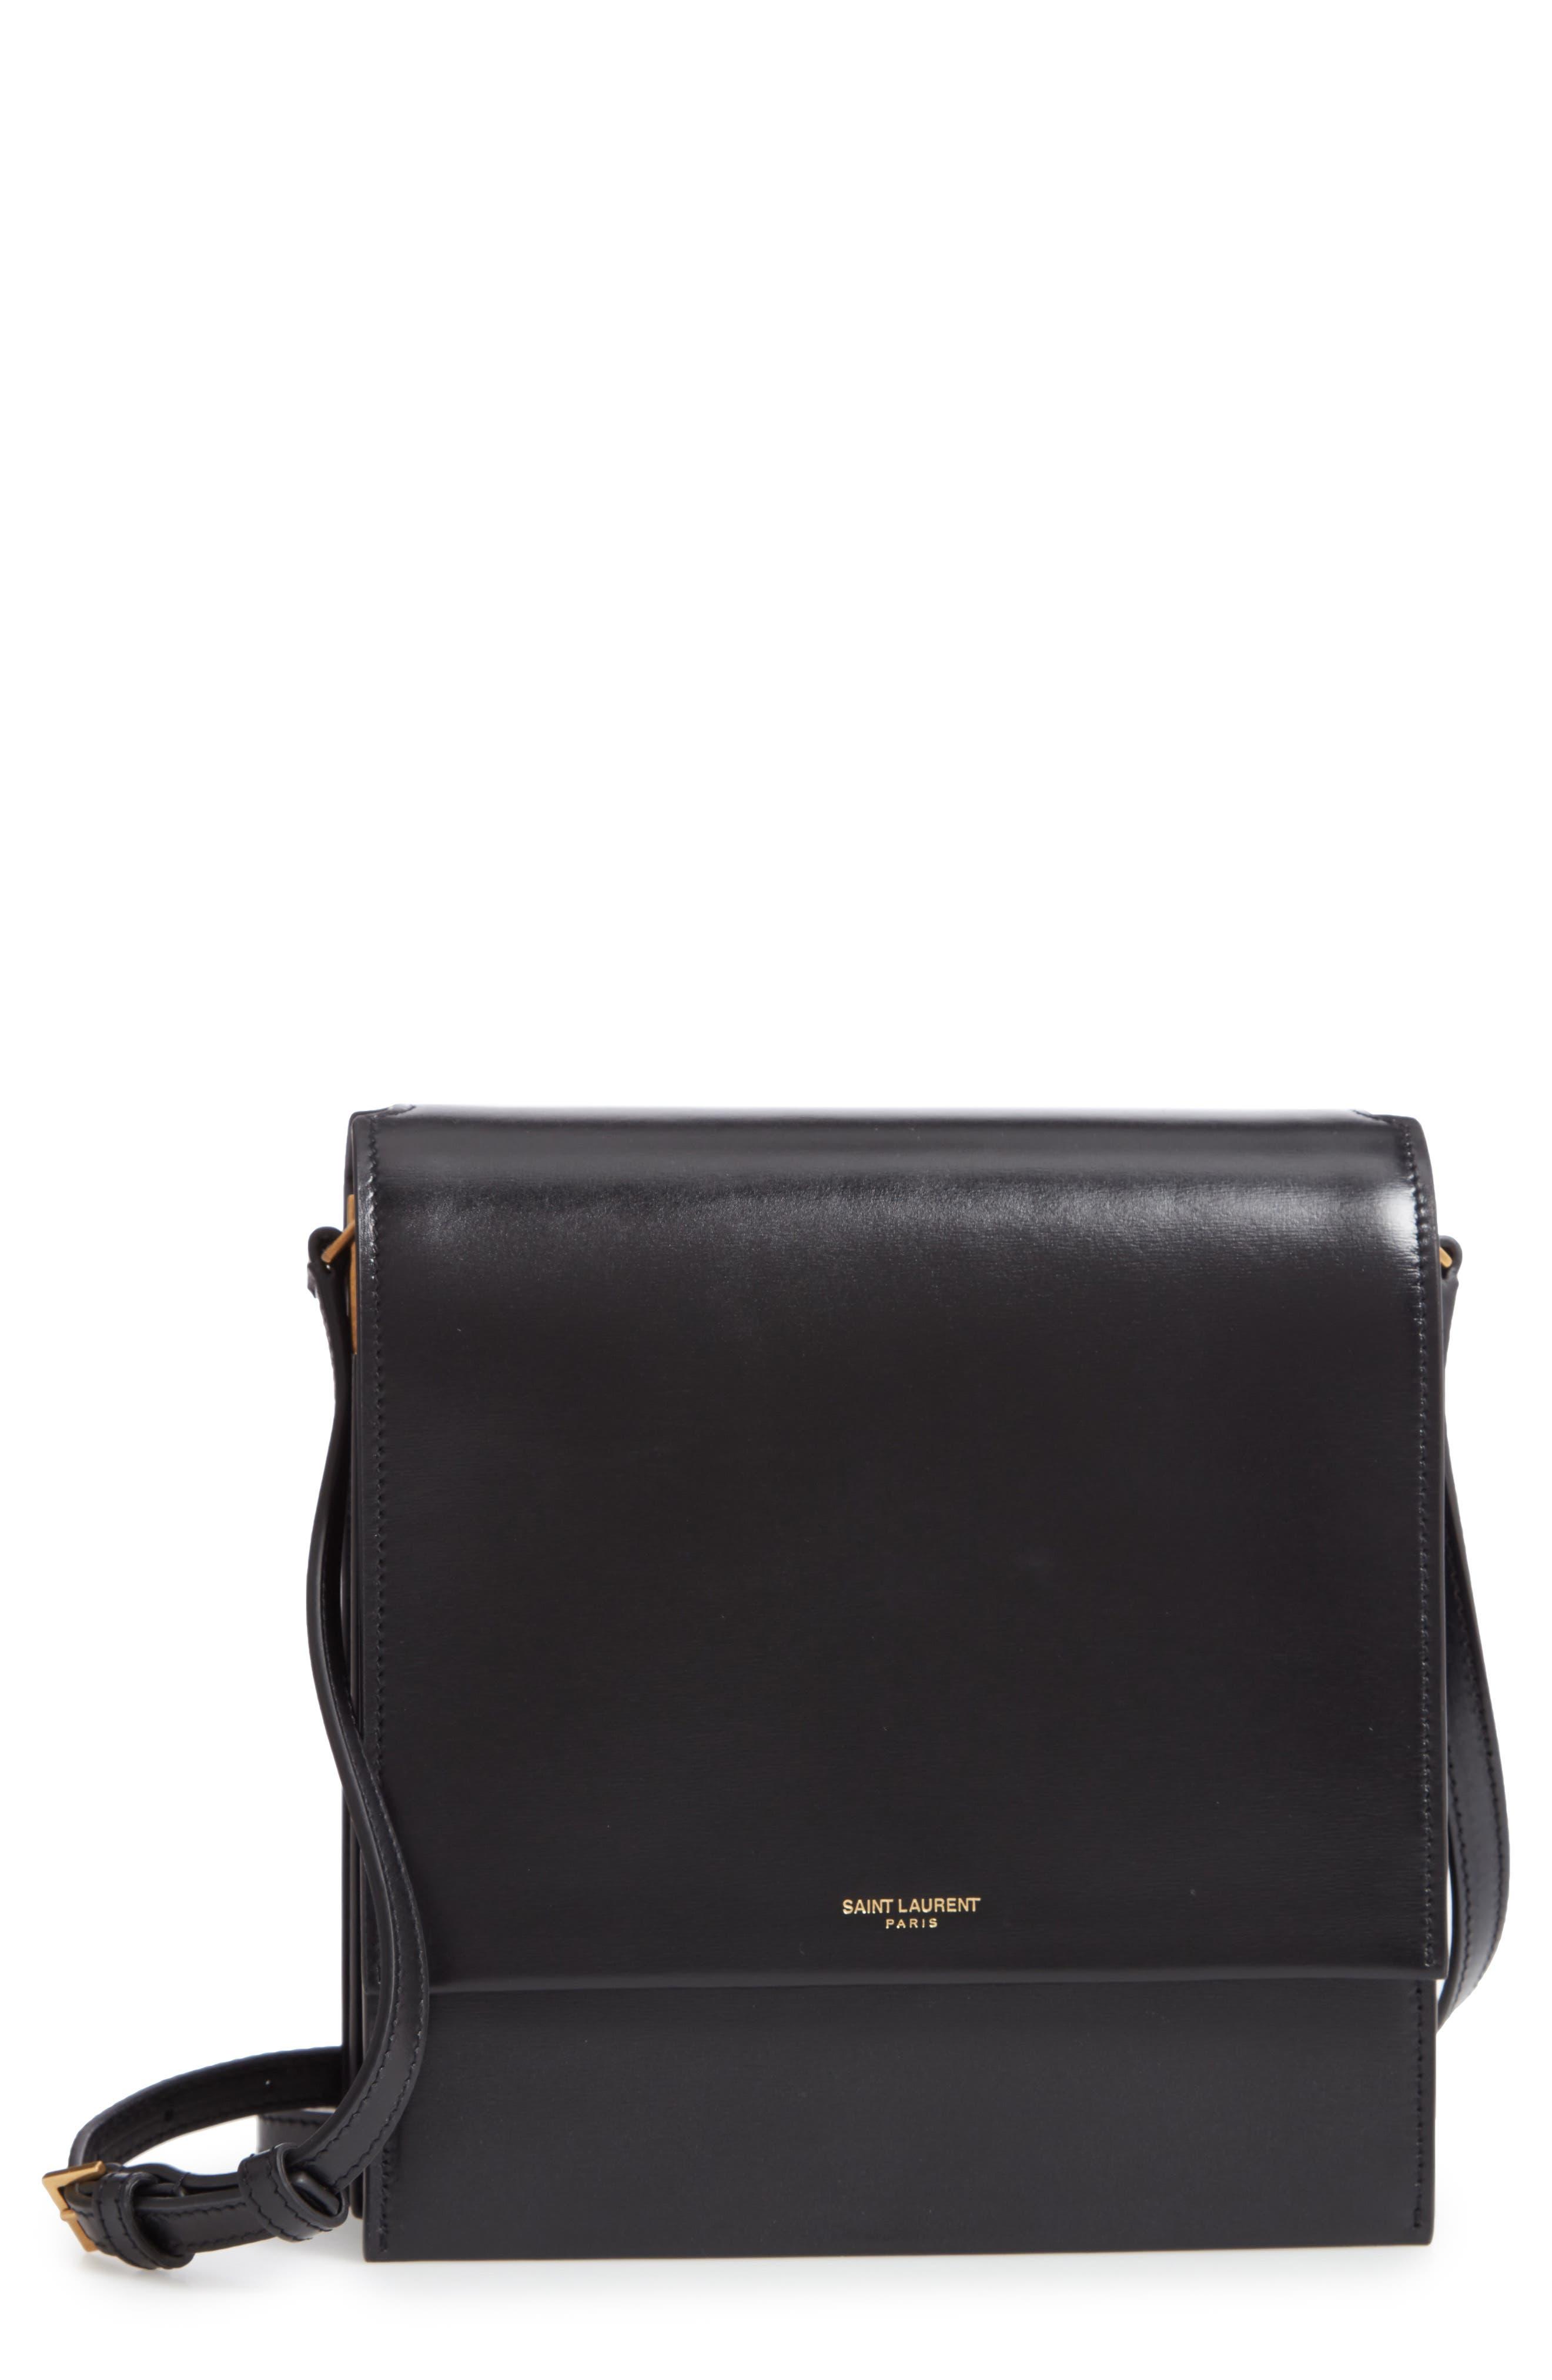 Sao Leather Shoulder Bag,                             Main thumbnail 1, color,                             NOIR